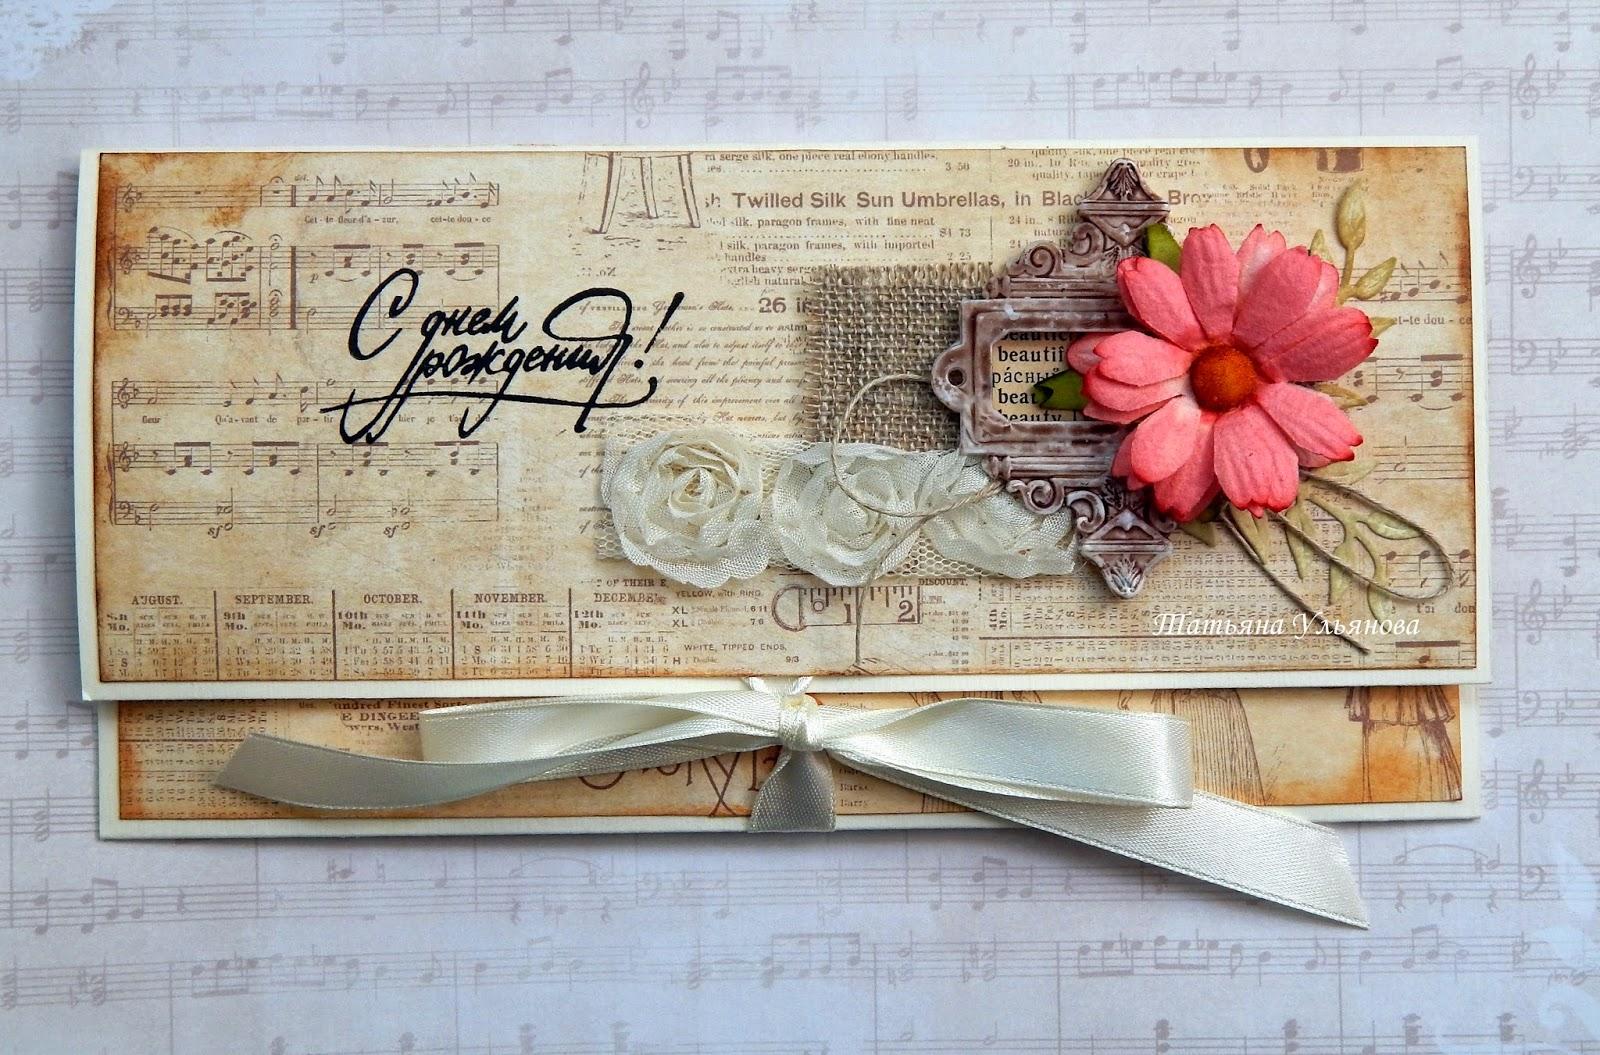 открытка ручной работы в винтажном стиле, автор Татьяна Ульянова